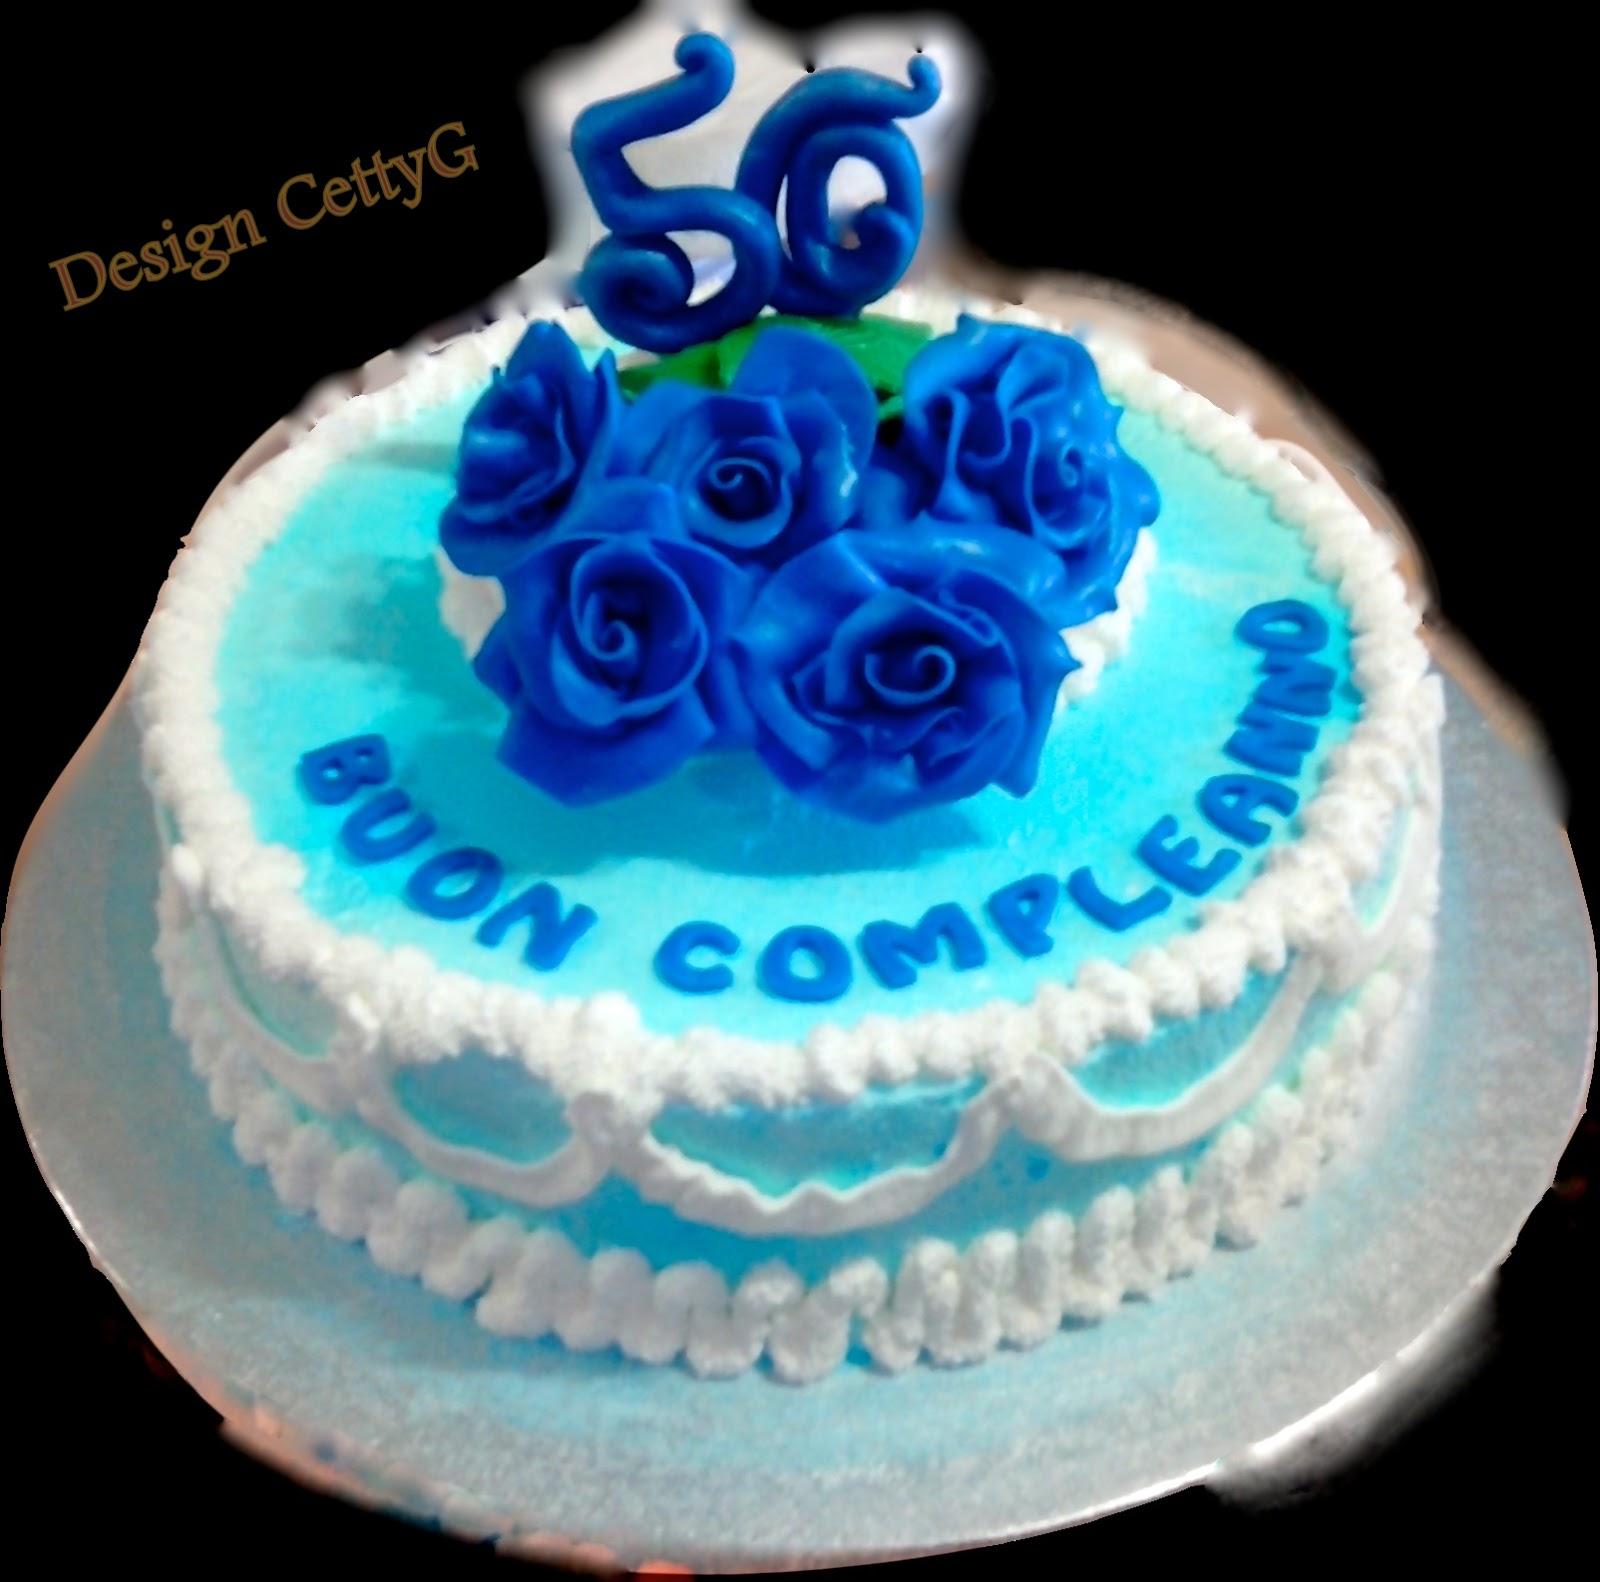 Amato Le torte decorate di Cetty G: 50 anni TF47